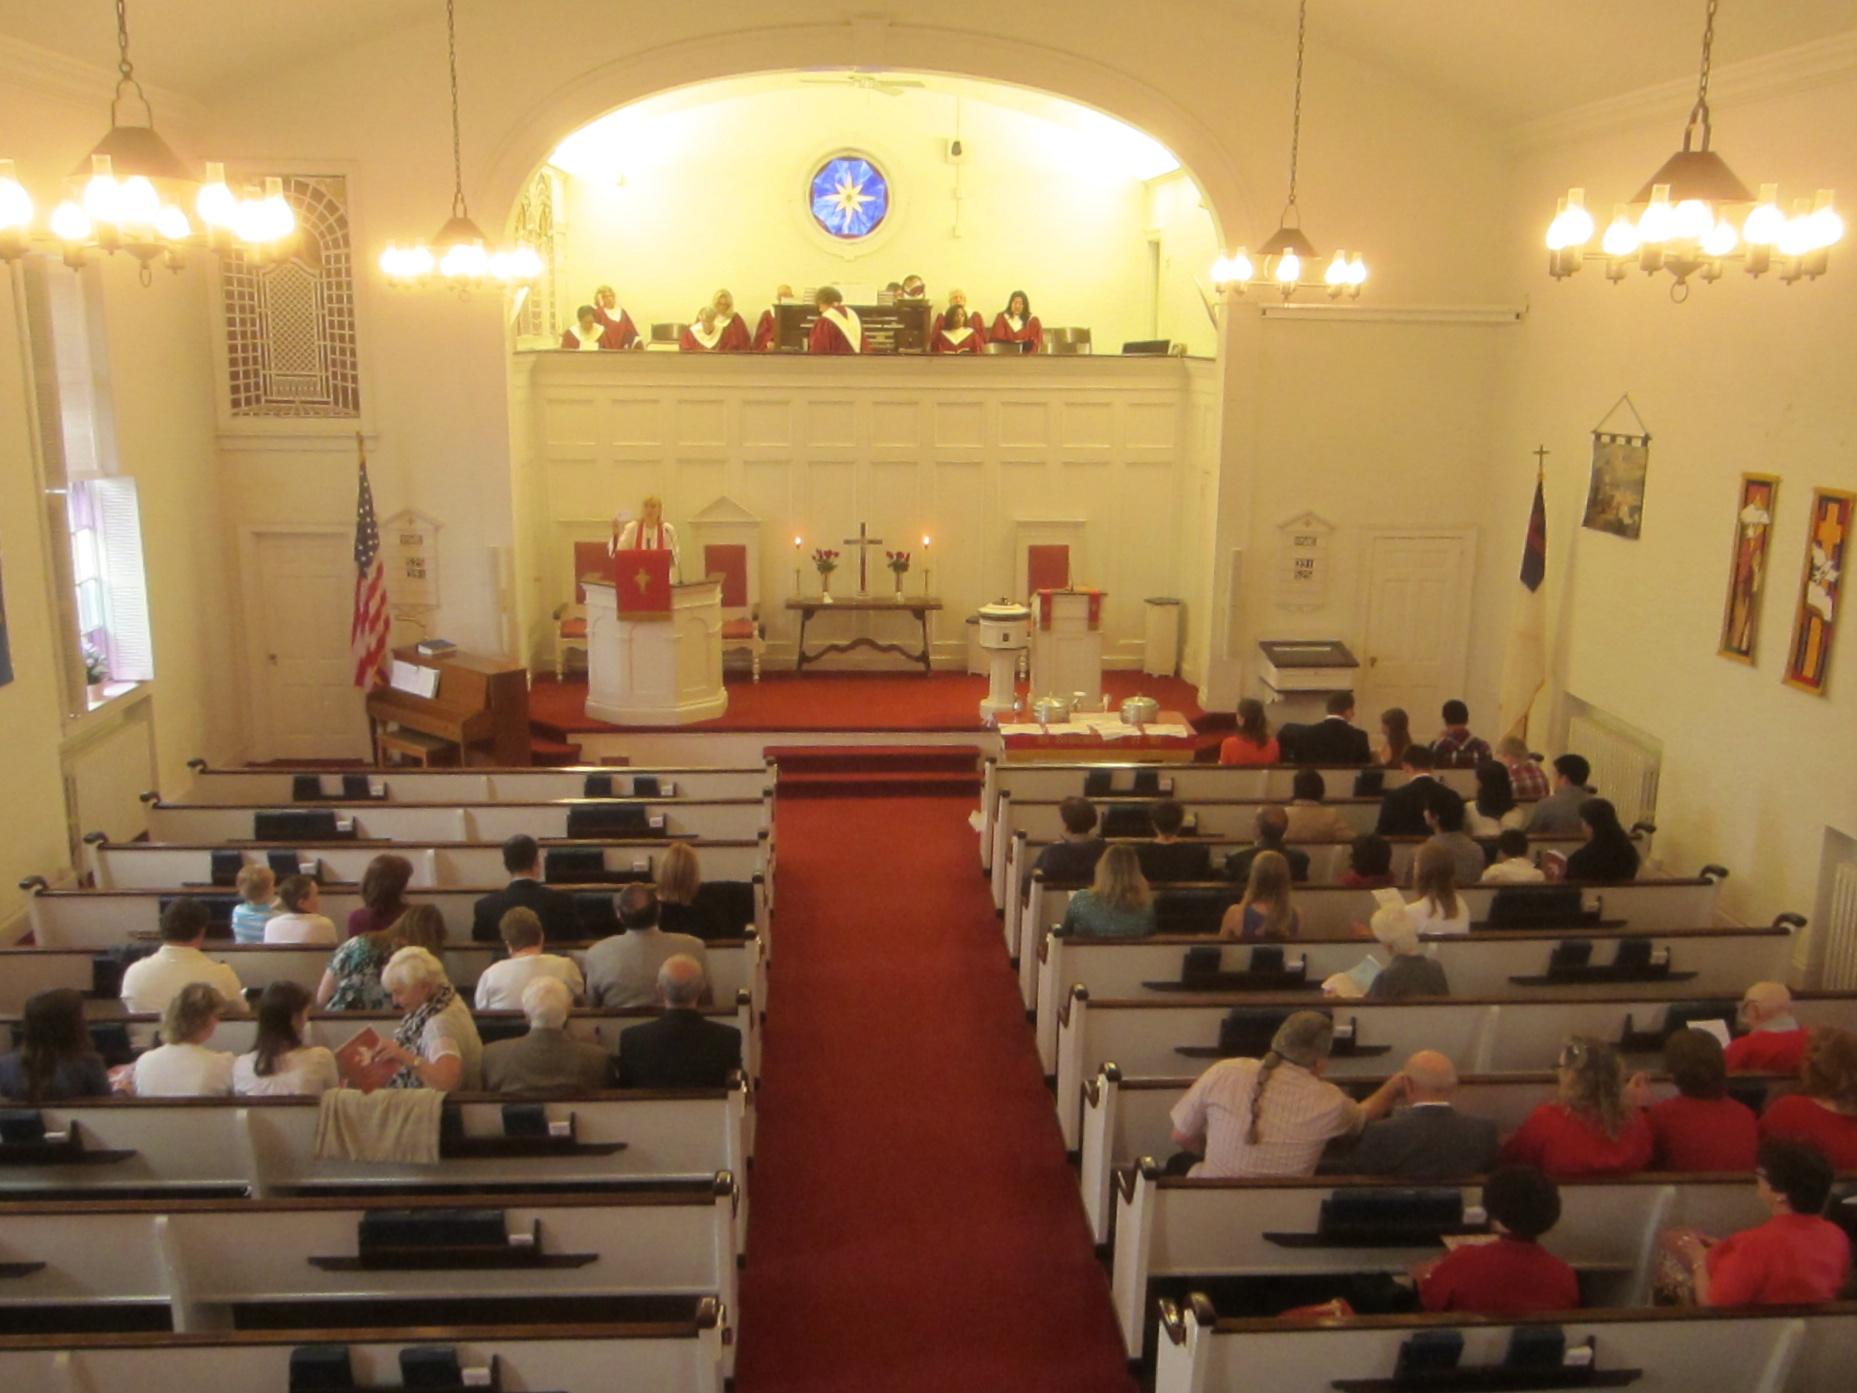 Church, Ministry, Worship Services- Garden City, NY